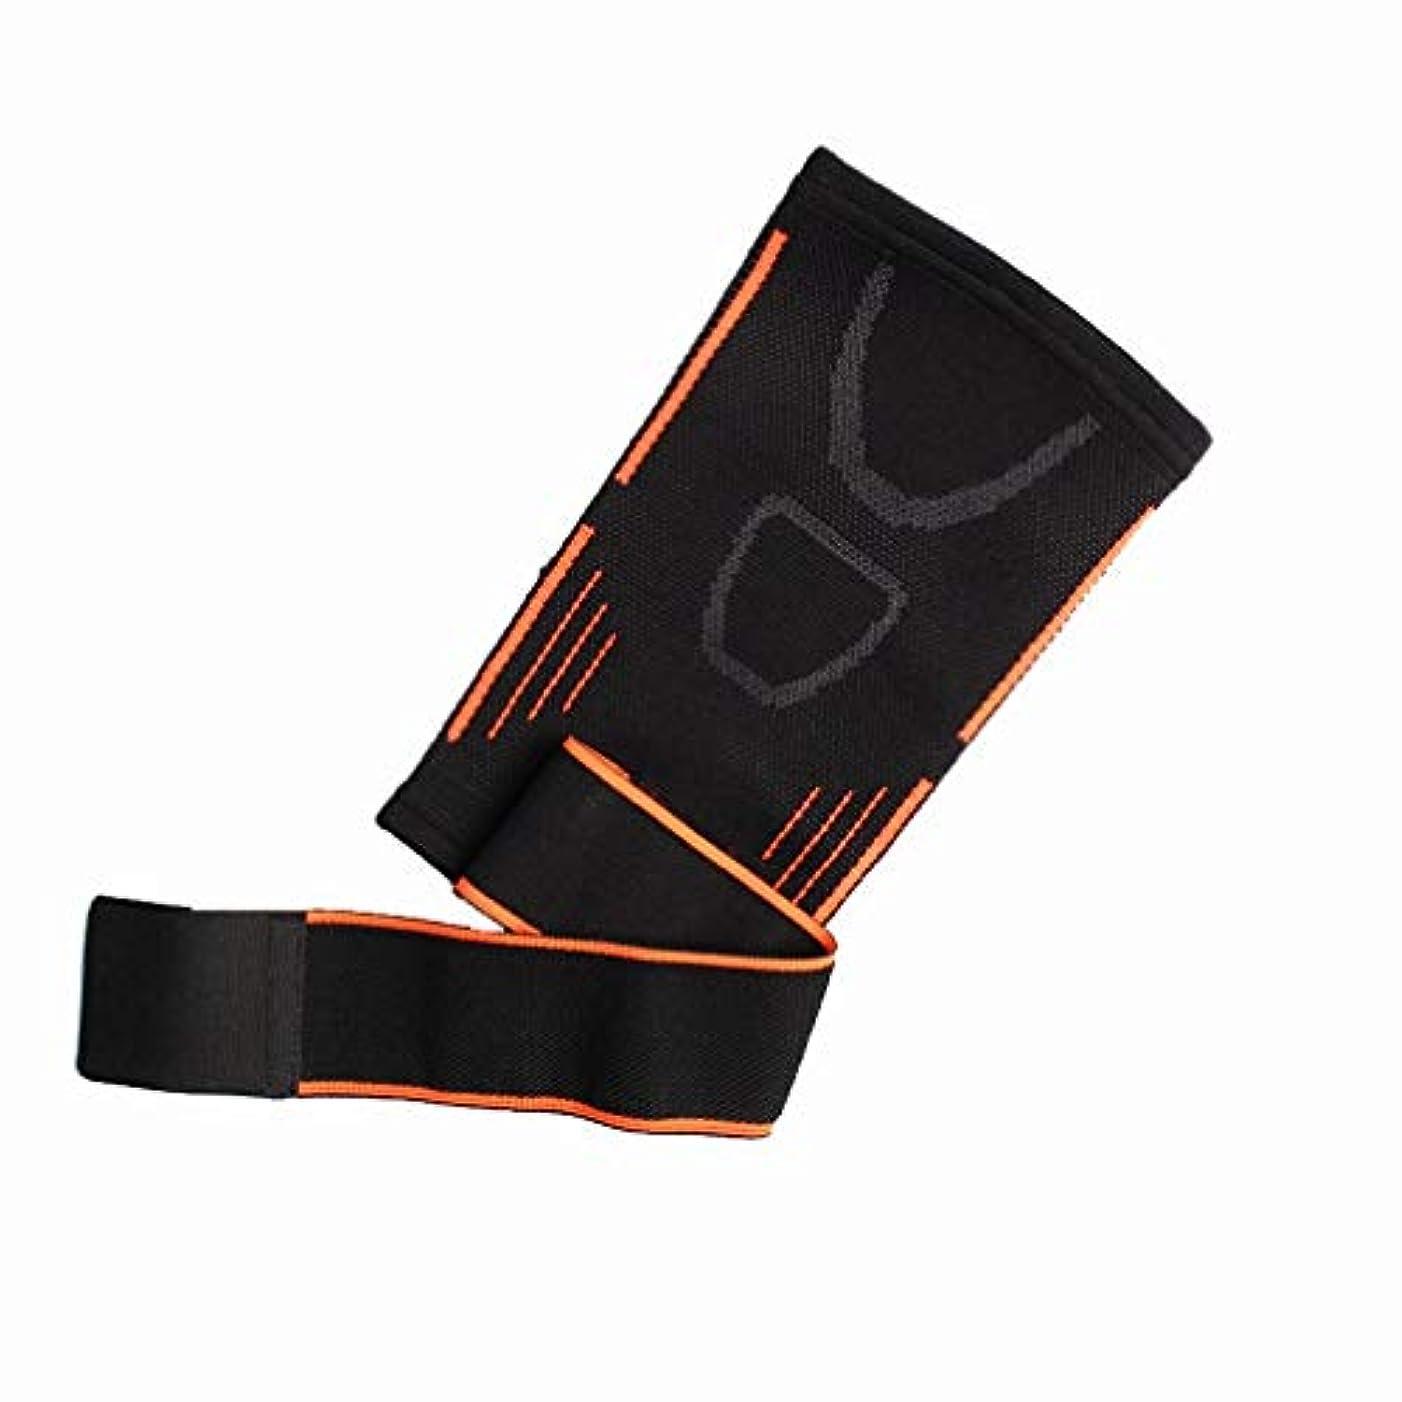 社説有毒なツーリスト屋外スポーツ圧縮肘ニット肘テニス肘サポート肘ガード-Rustle666